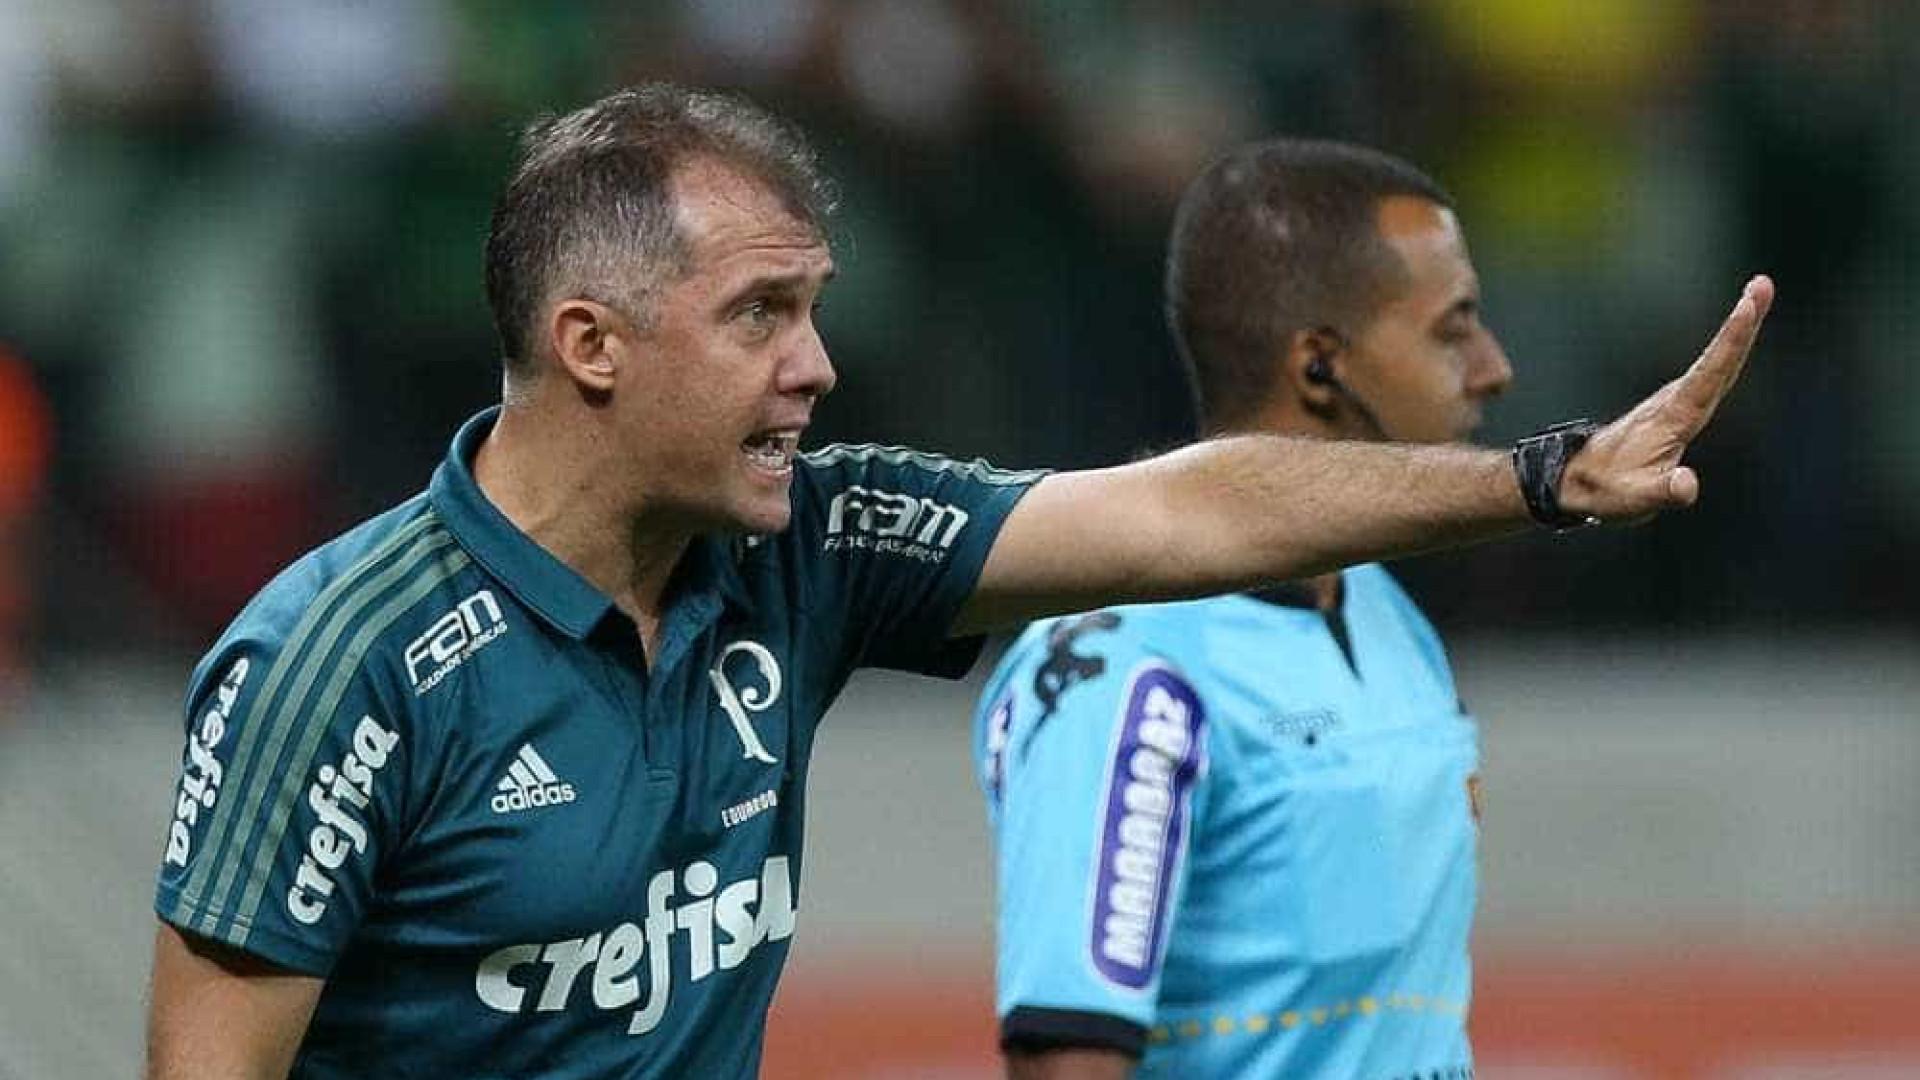 Técnico do Palmeiras se exalta e diz que foi ofendido 'como homem'